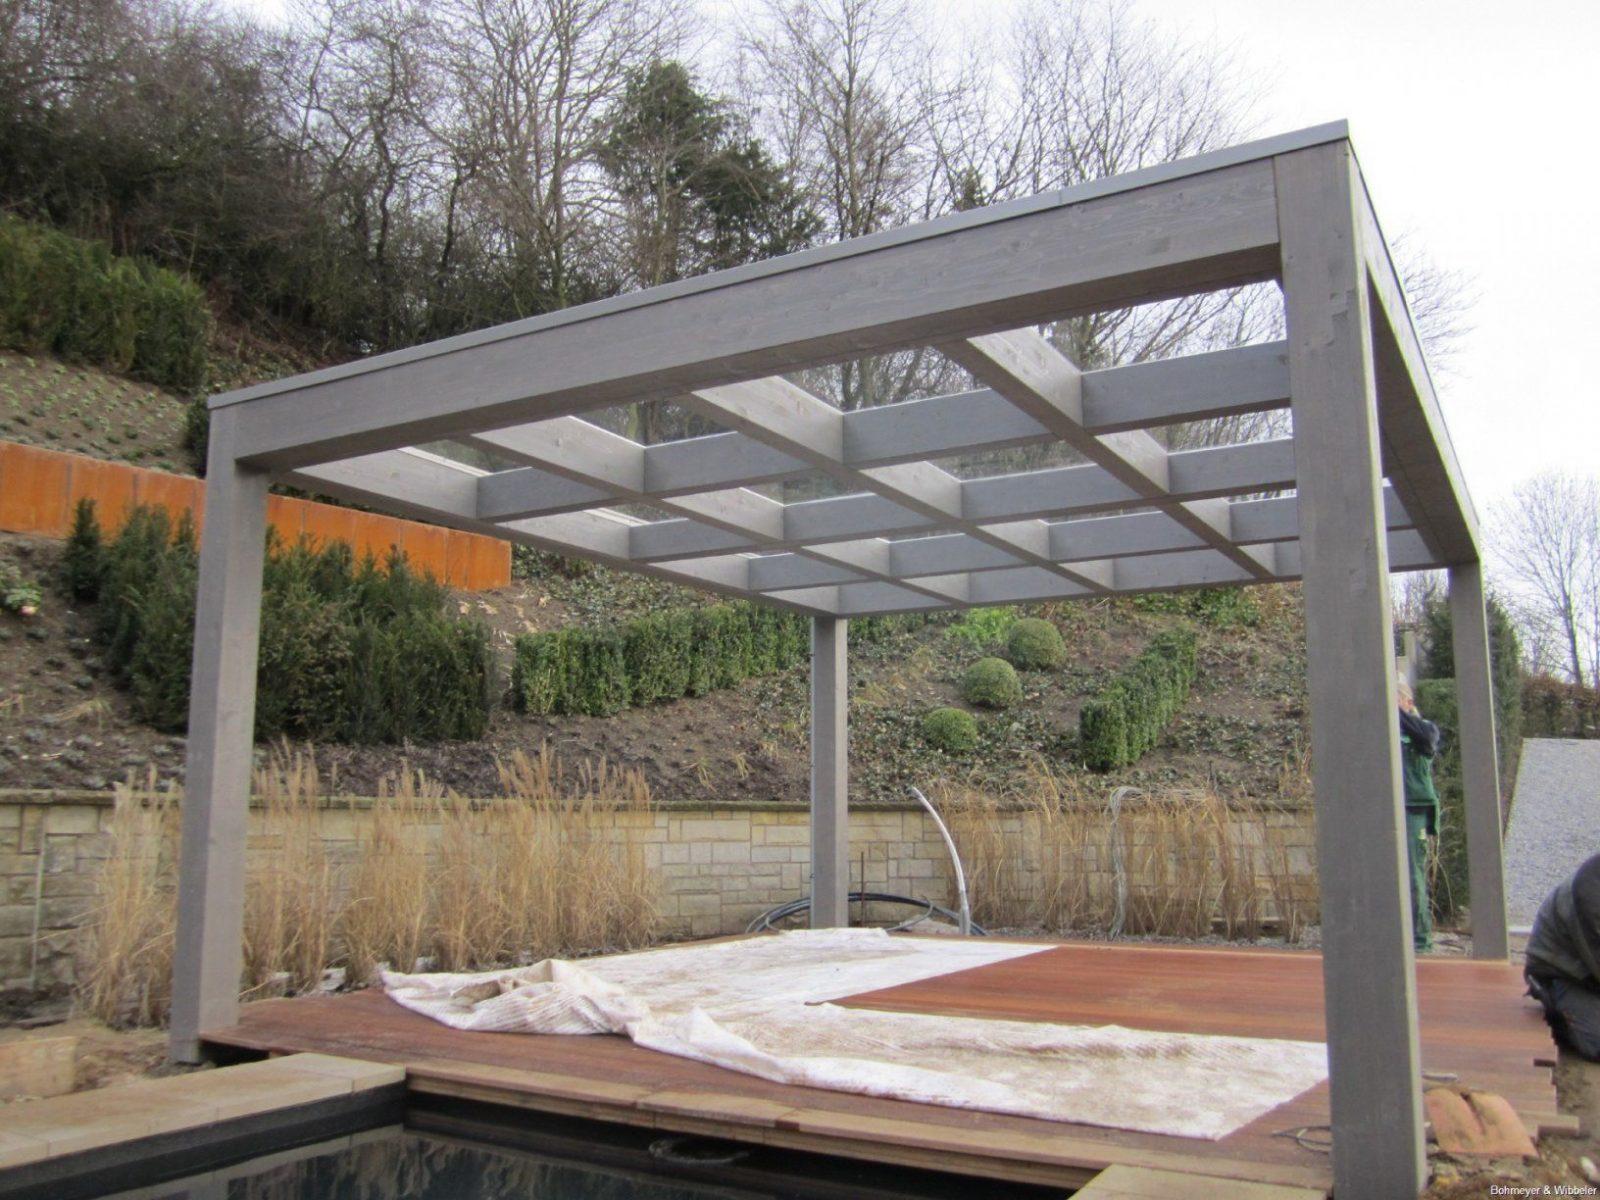 Freistehende Terrassenüberdachung Bausatz Ih61 – Hitoiro von Alu Terrassenüberdachung Bausatz Freistehend Bild